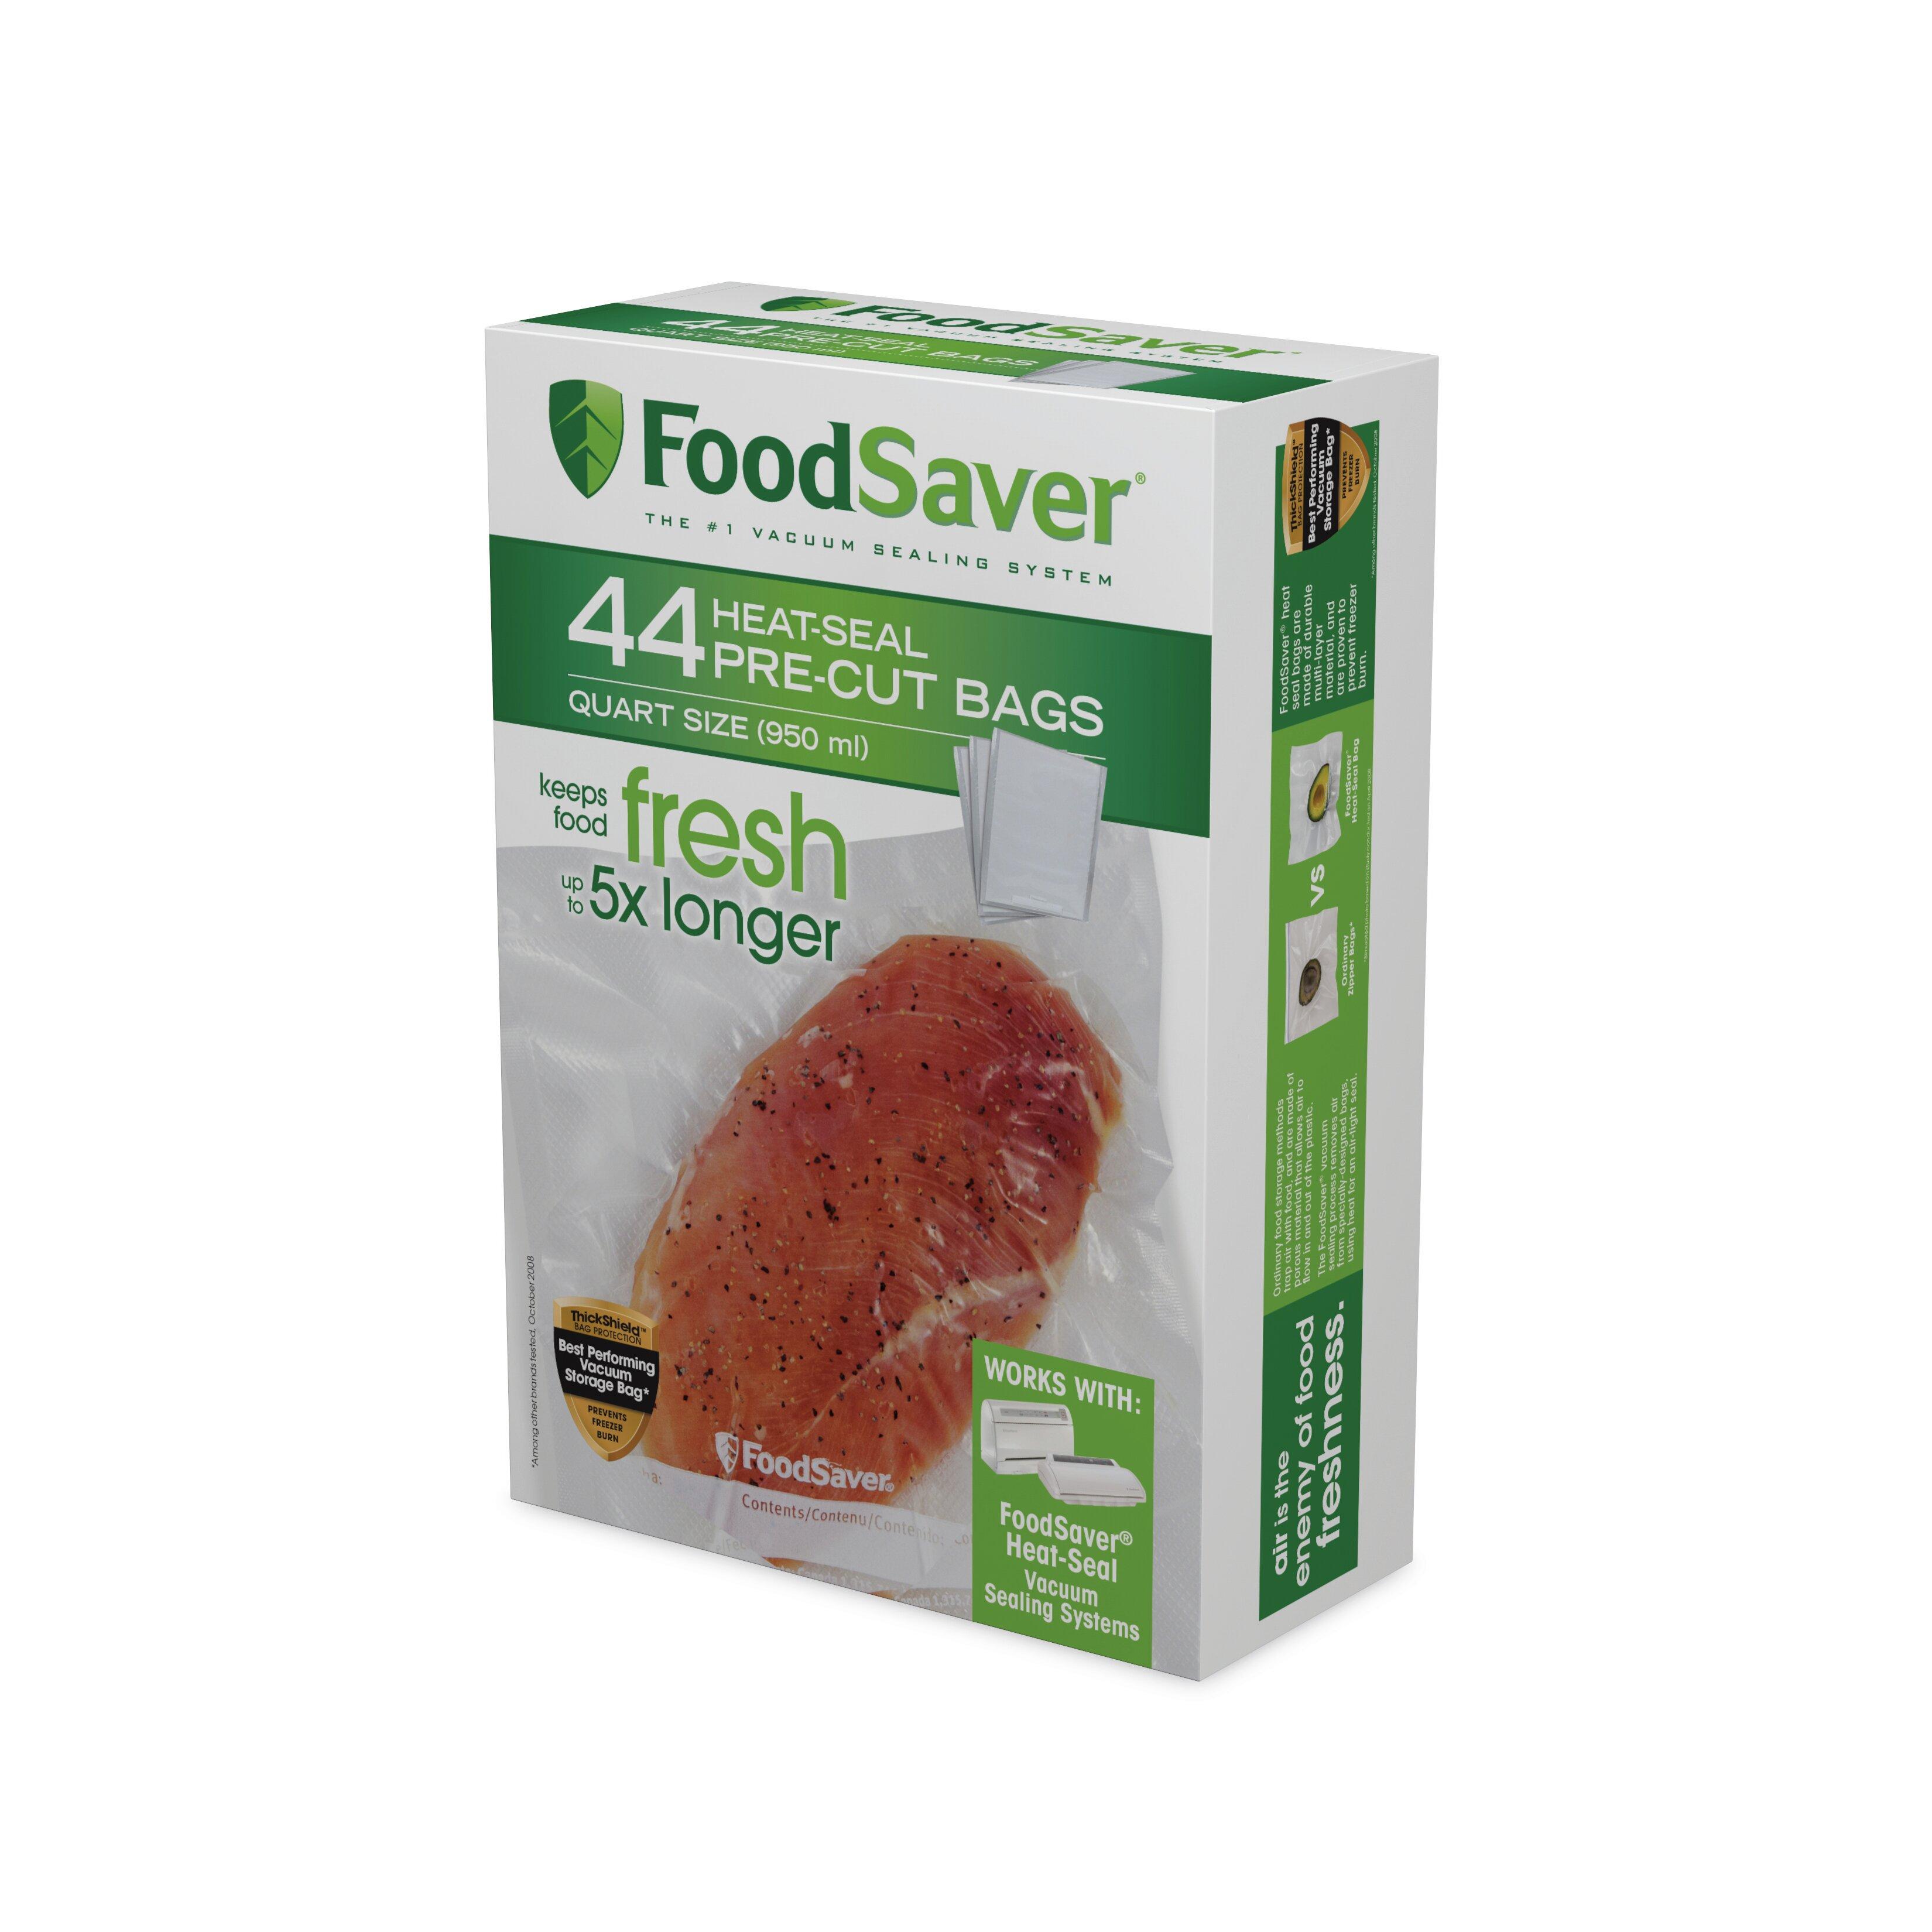 Foodsaver FoodSaver® Quart Heat Seal Bag & Reviews | Wayfair